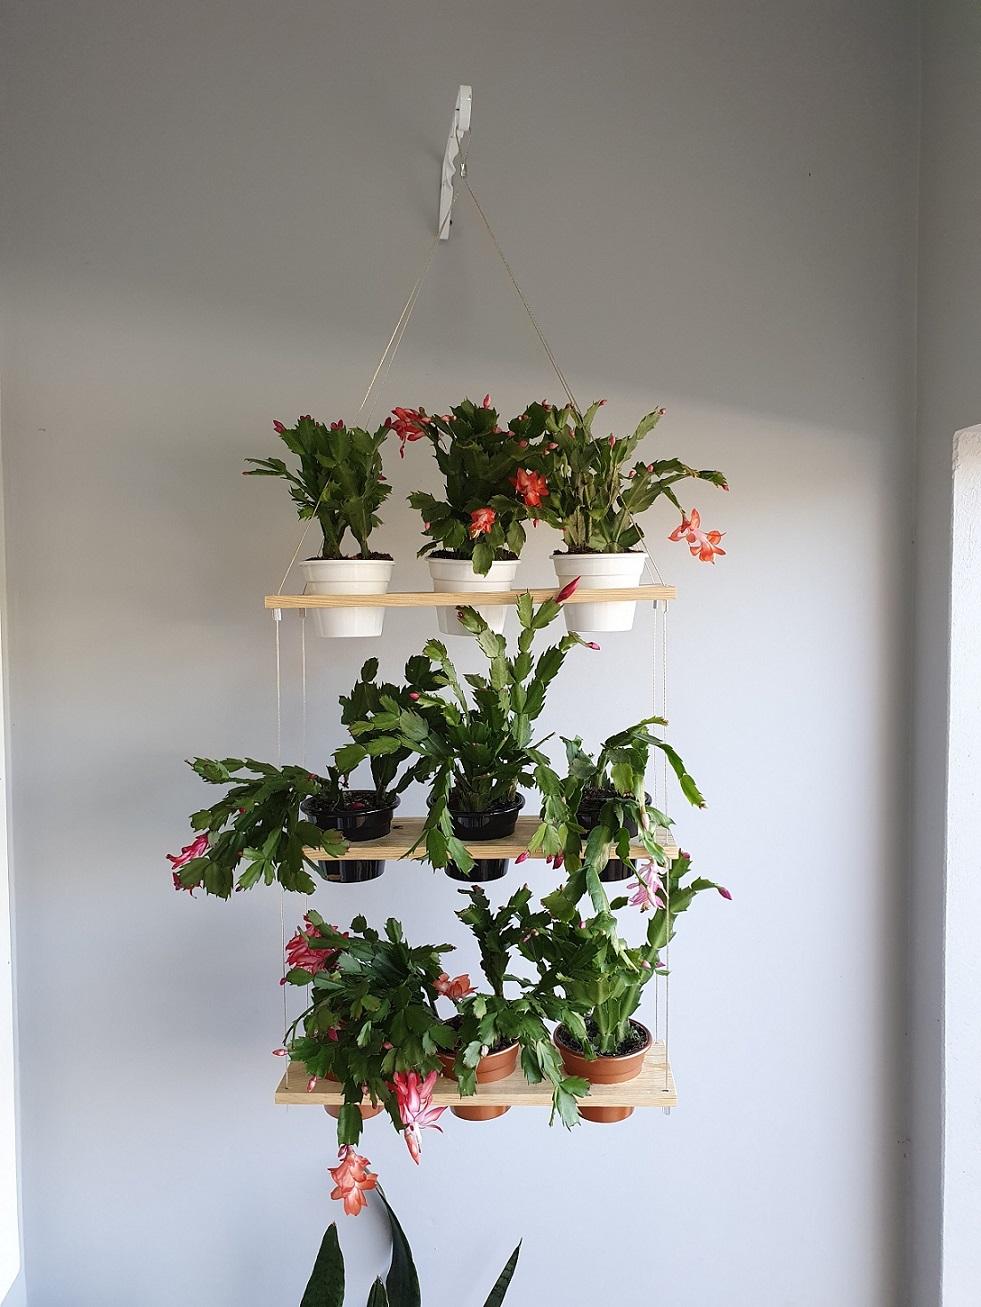 Suporte Jardim Suspenso de Madeira para 9 vasos